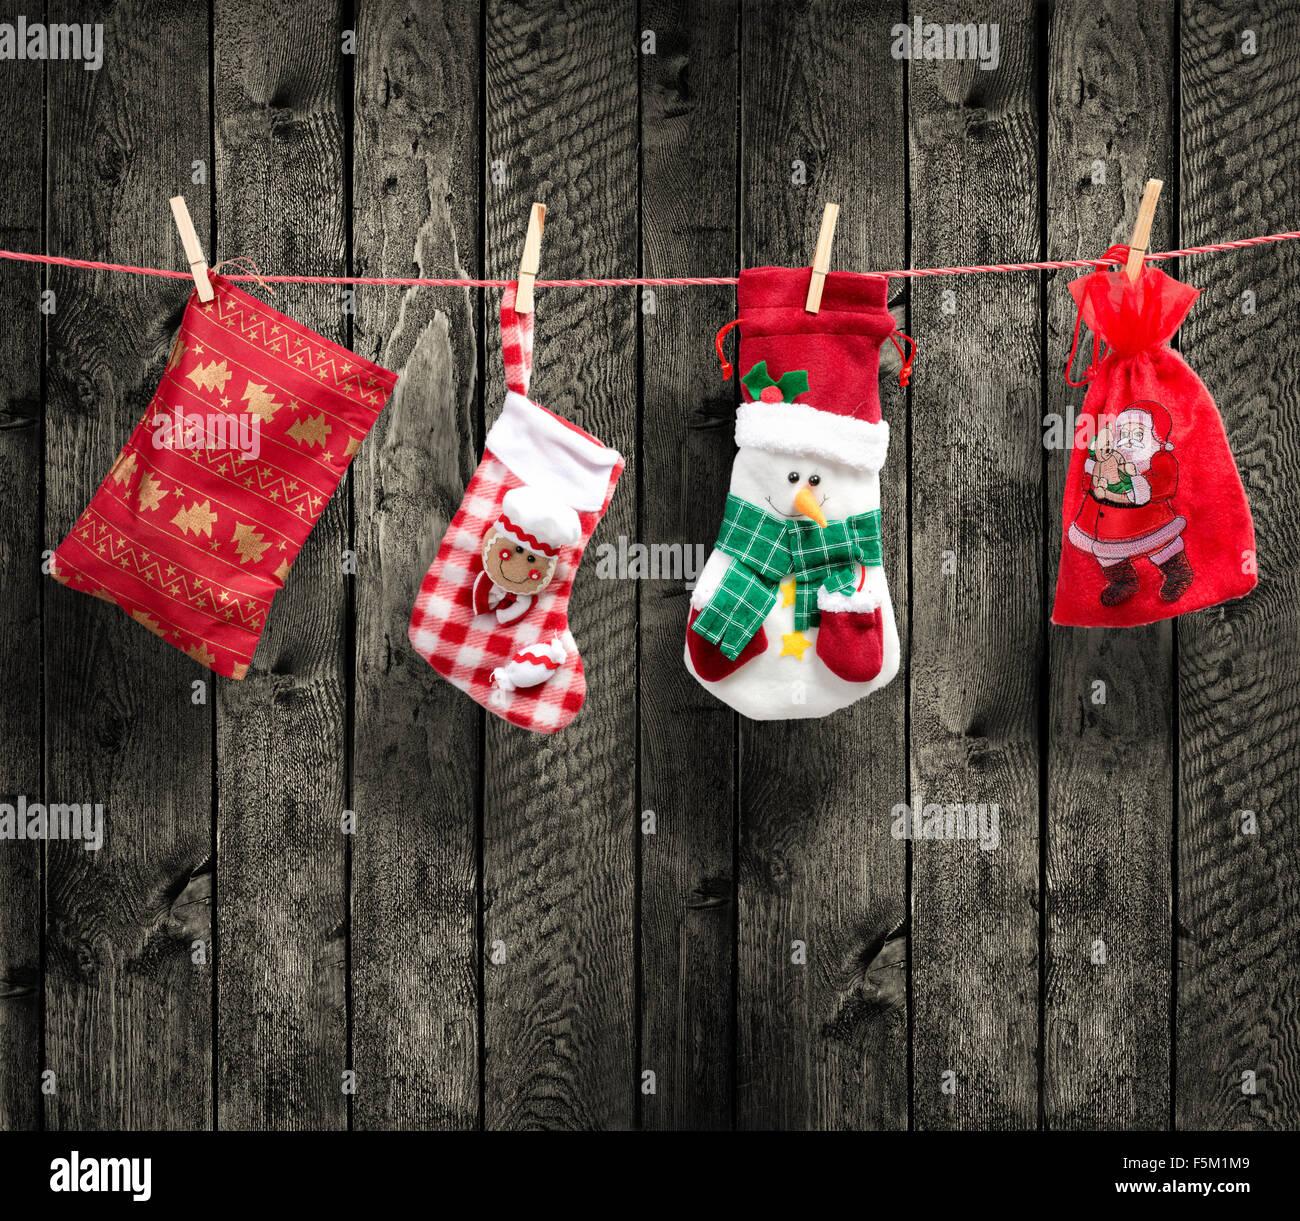 Bolsa de Santa Claus en el tendedero, con fondo de madera Imagen De Stock